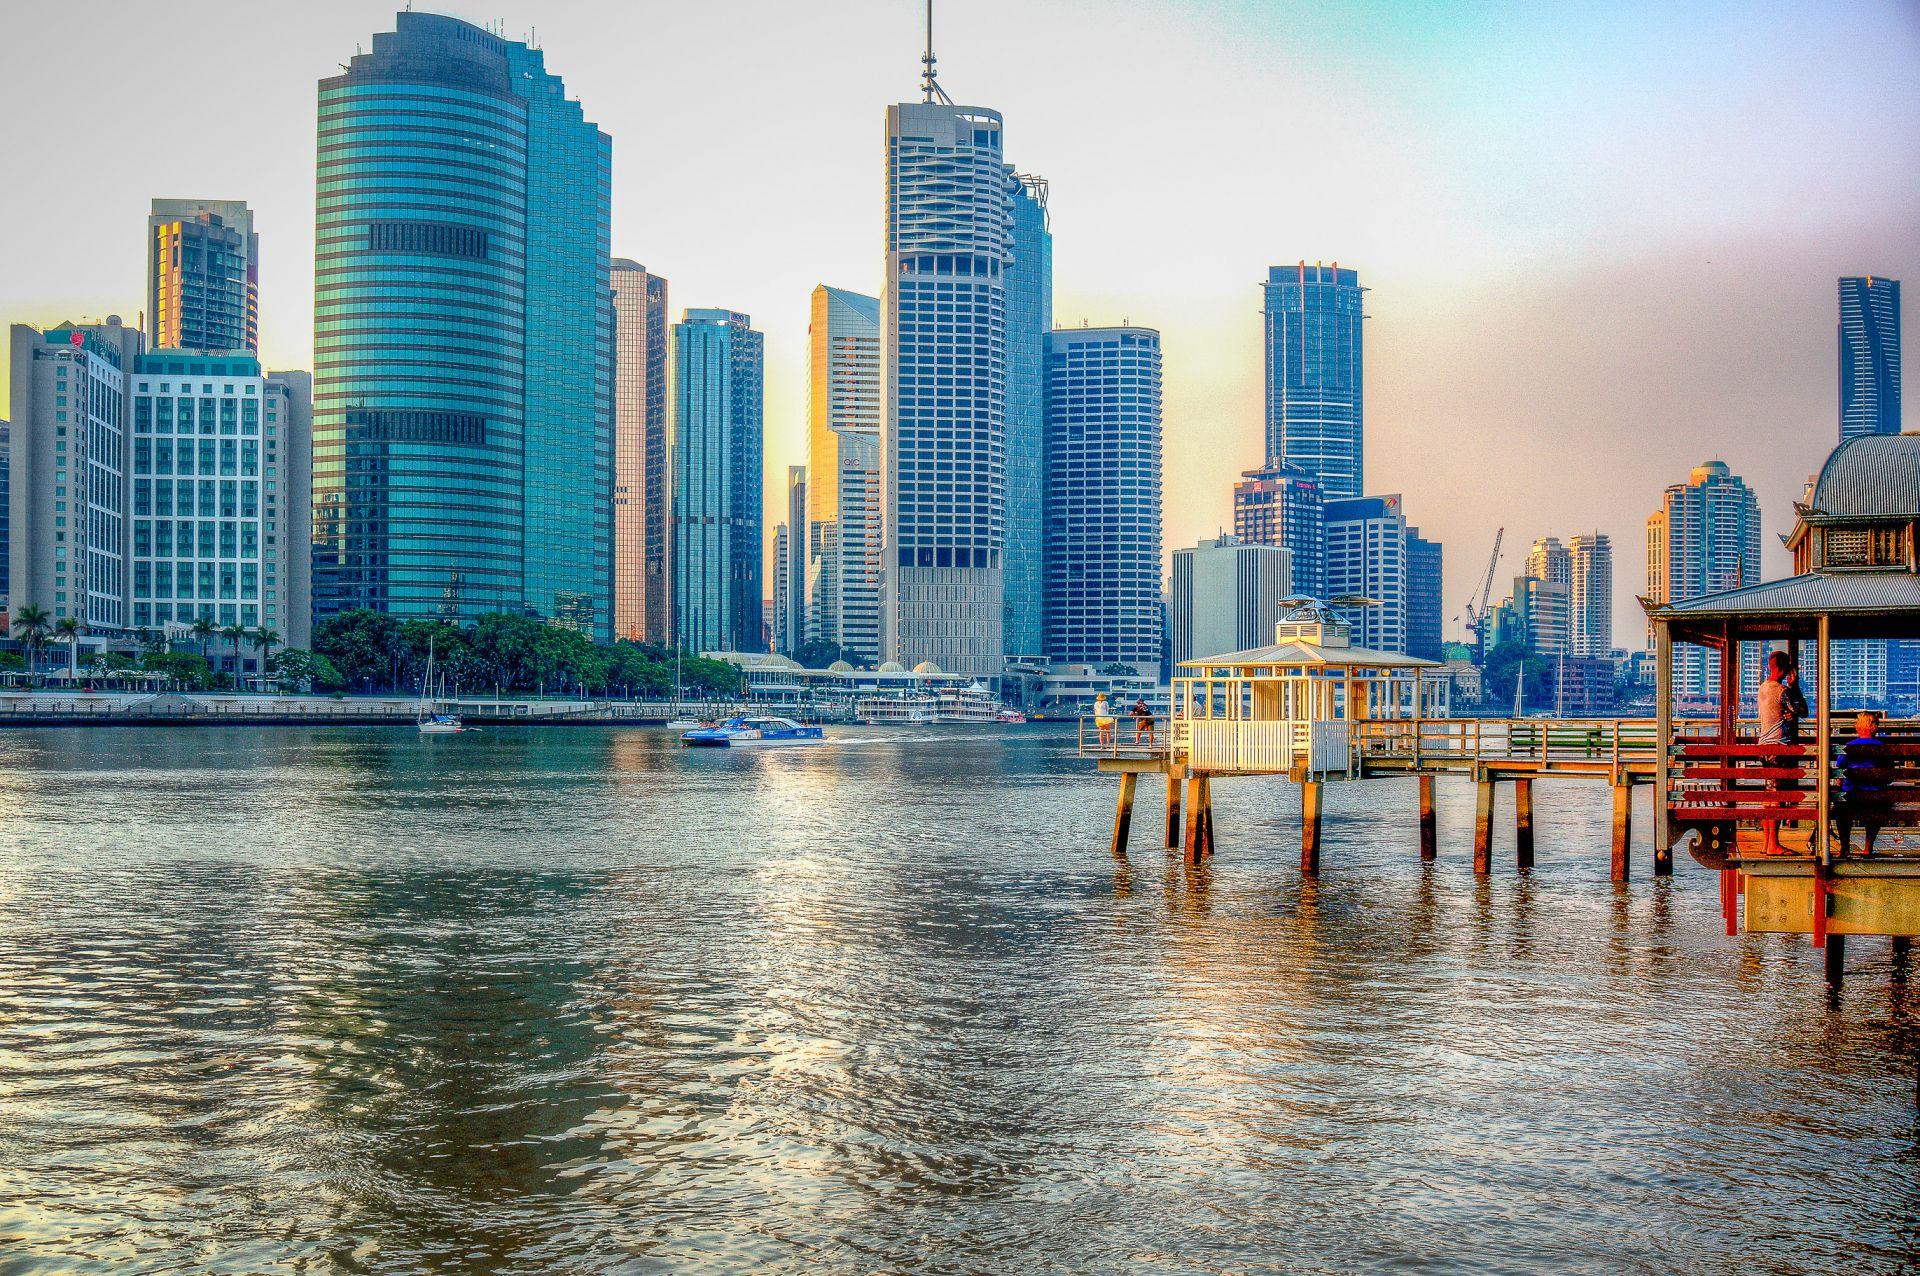 Brisbane řeka a budovy